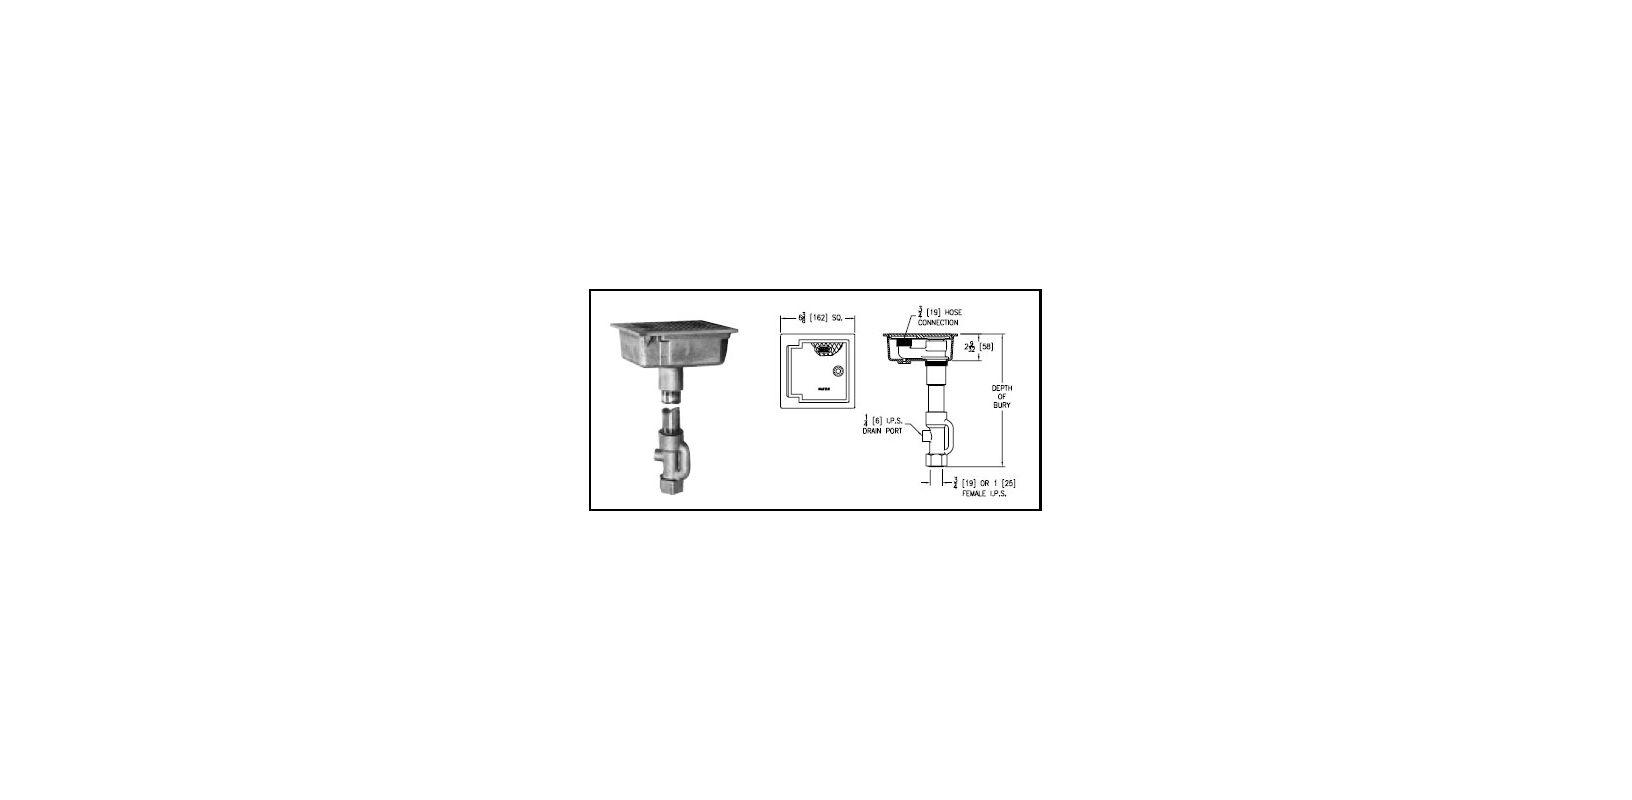 Zurn Z1360 2 3 4 Hd 8 3 4 Inch 3 4 Quot Encased Flush Ground